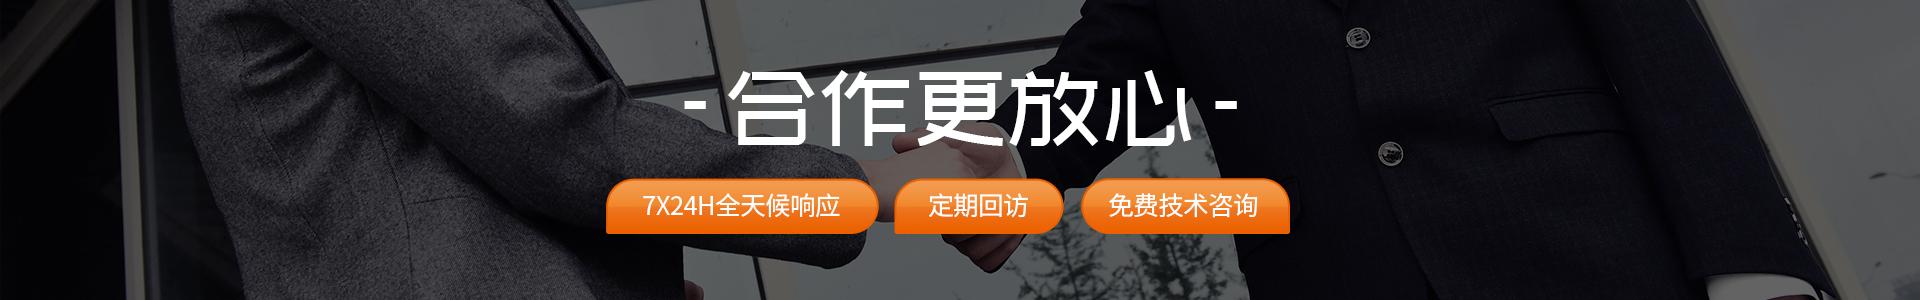 欧亿尚佳:合作更放心